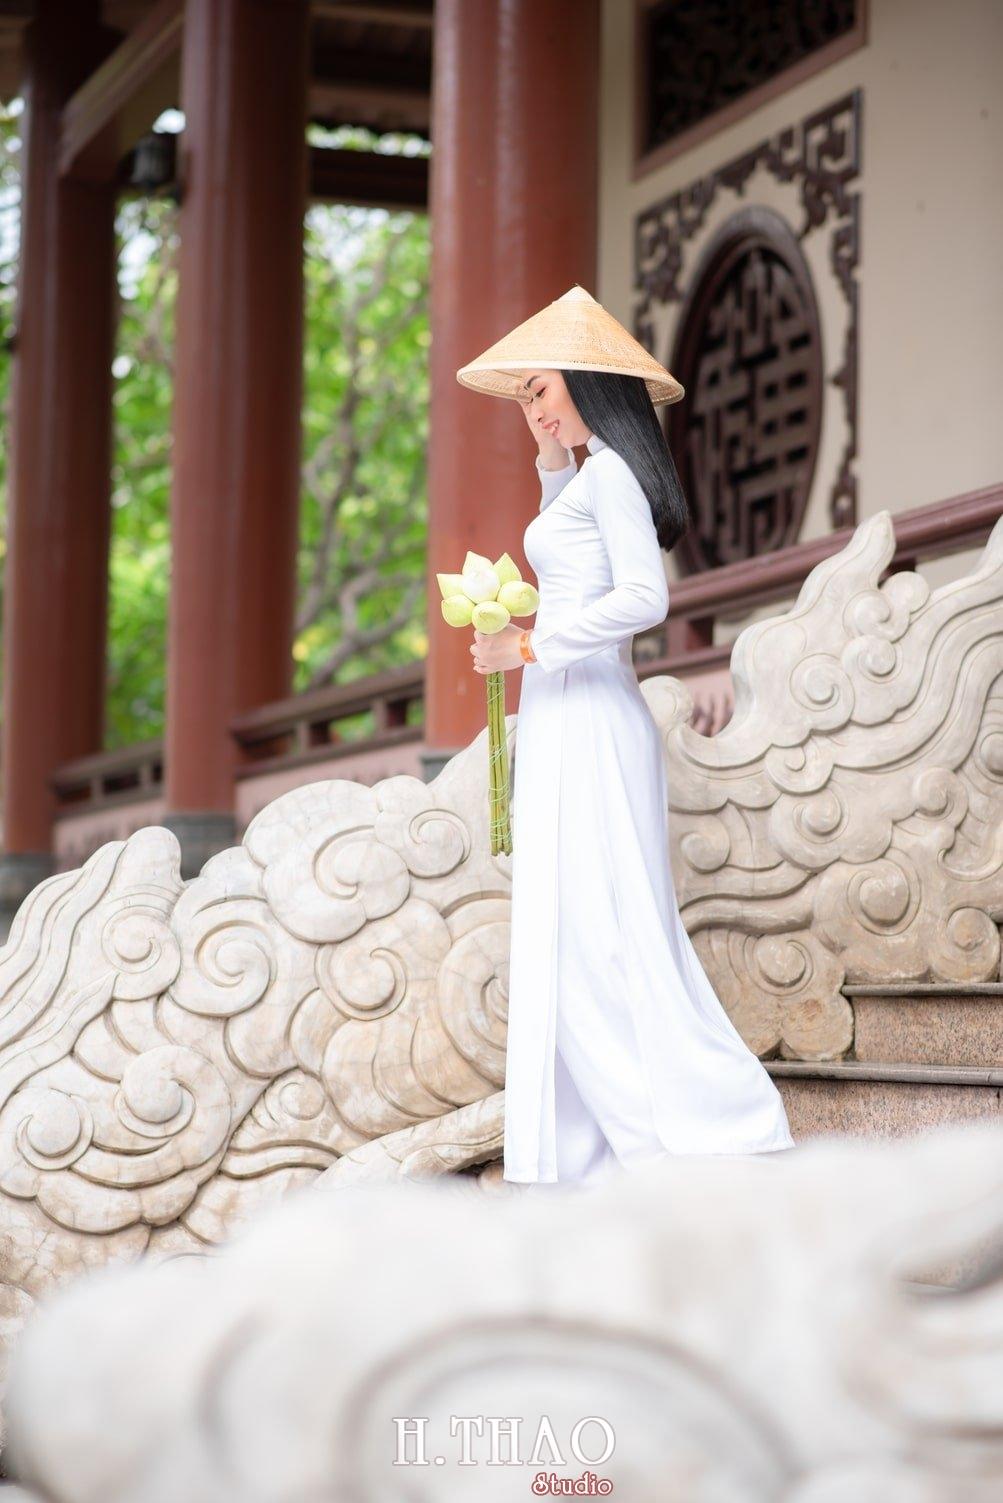 Ao dai trang 11 - Album áo dài trắng tại Thiền Viện Vạn Hạnh - HThao Studio